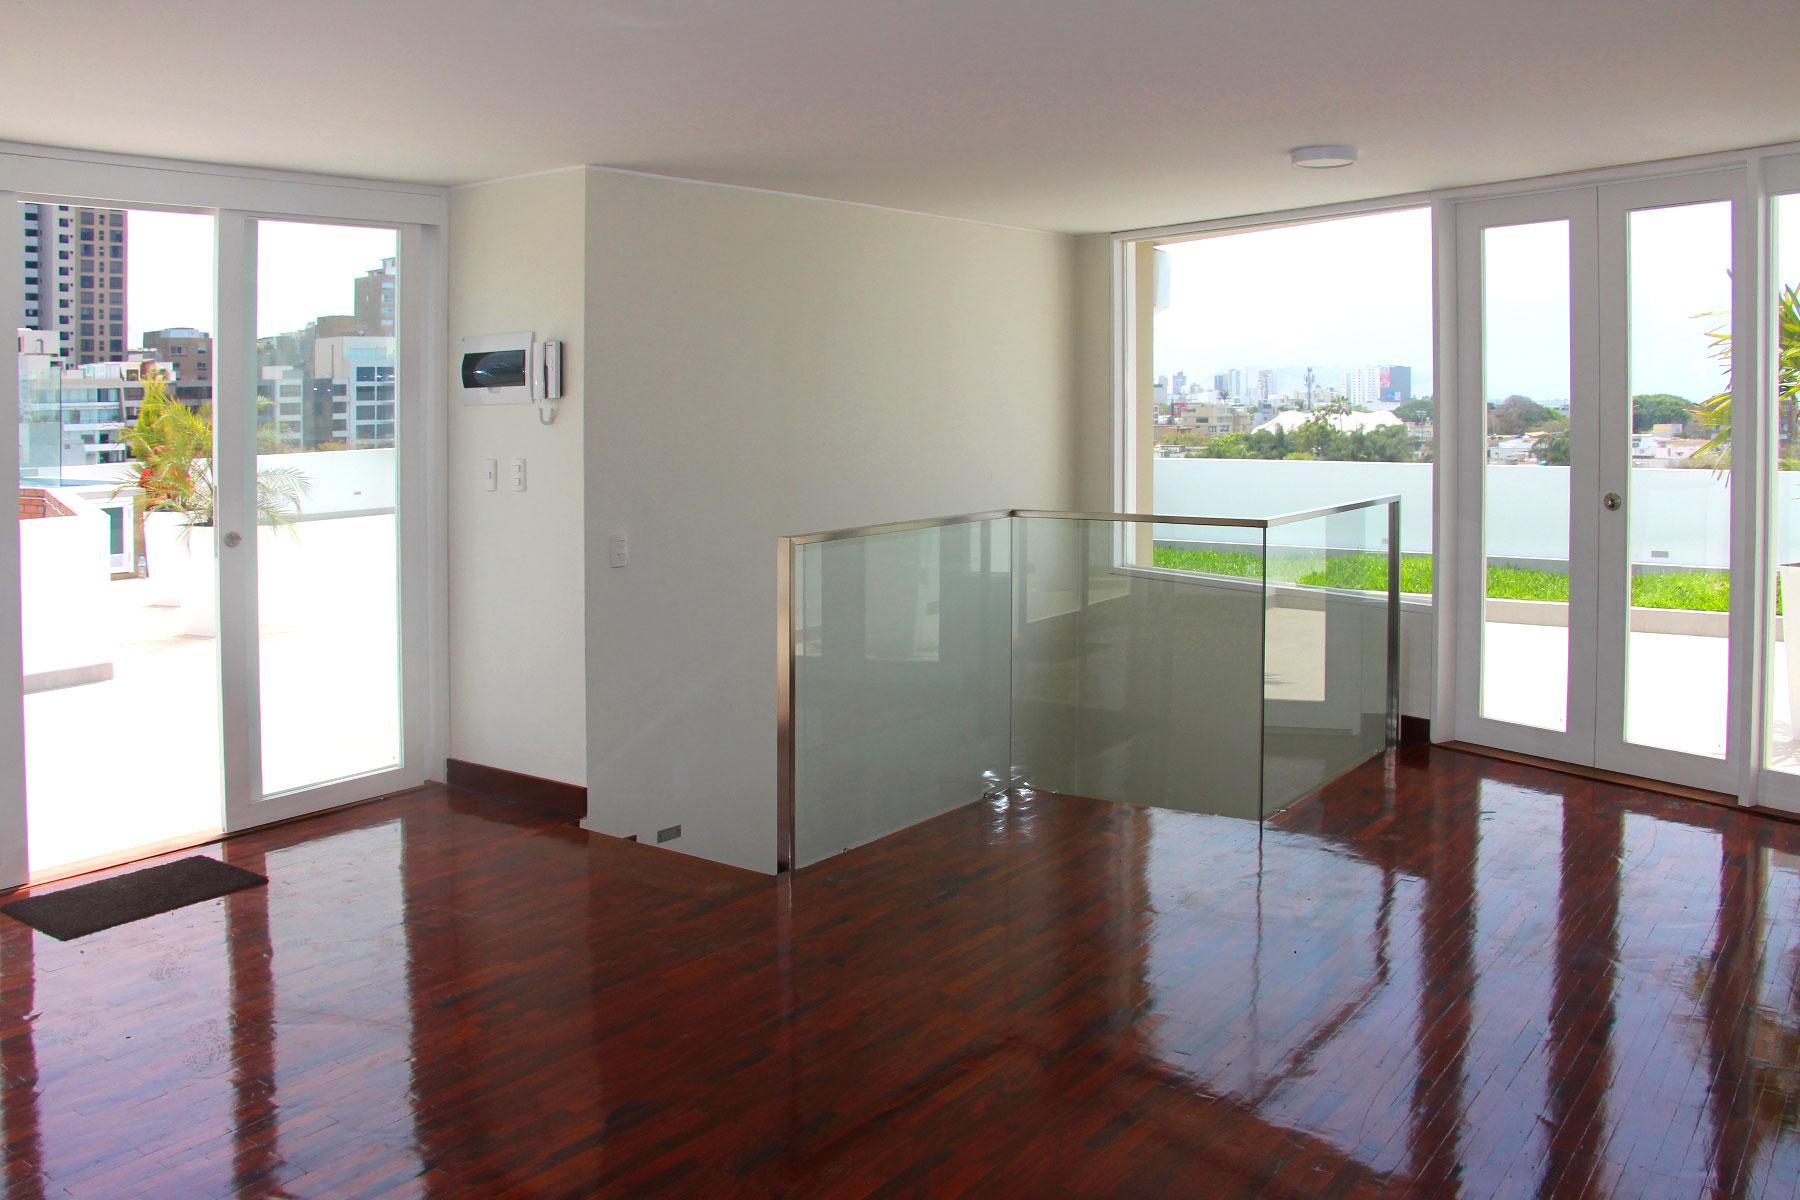 Appartamento per Vendita alle ore Modern Duplex in exclusive area of San Isidro Av. Alberto del Campo, San Isidro, Lima, 27 Peru